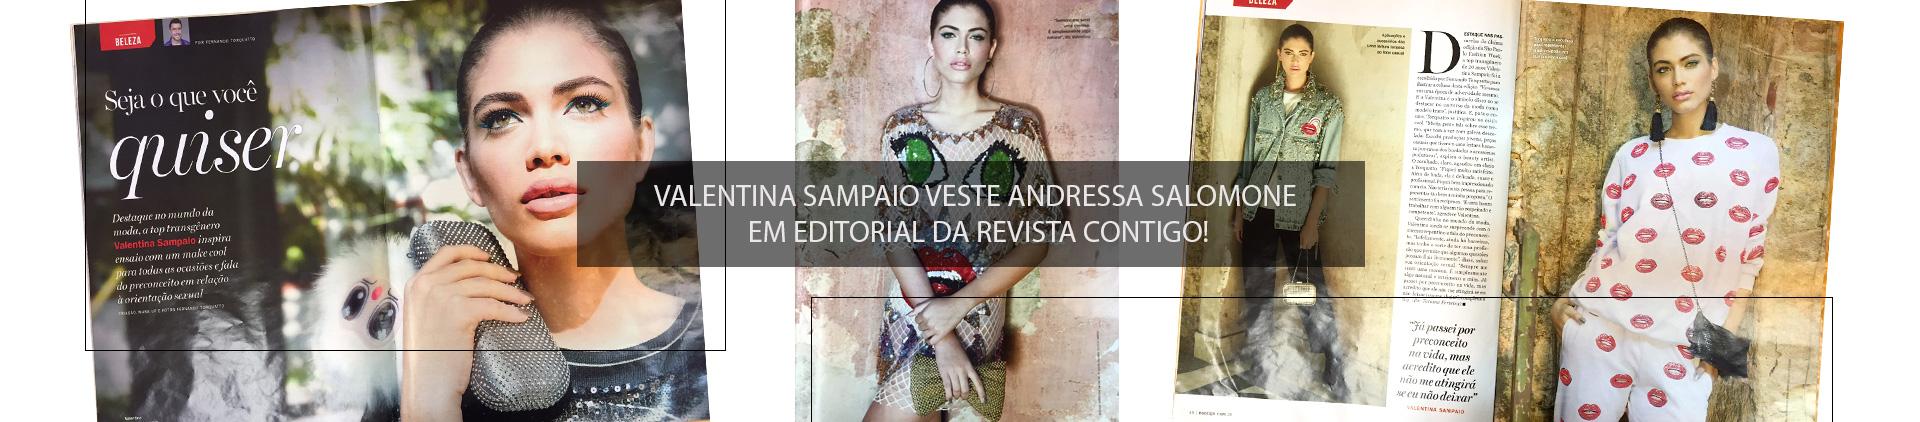 EDITORIAL NA REVISTA CONTIGO: VALENTINA SAMPAIO VESTE LOOKS DA COLEÇÃO LA DOLCE VITA